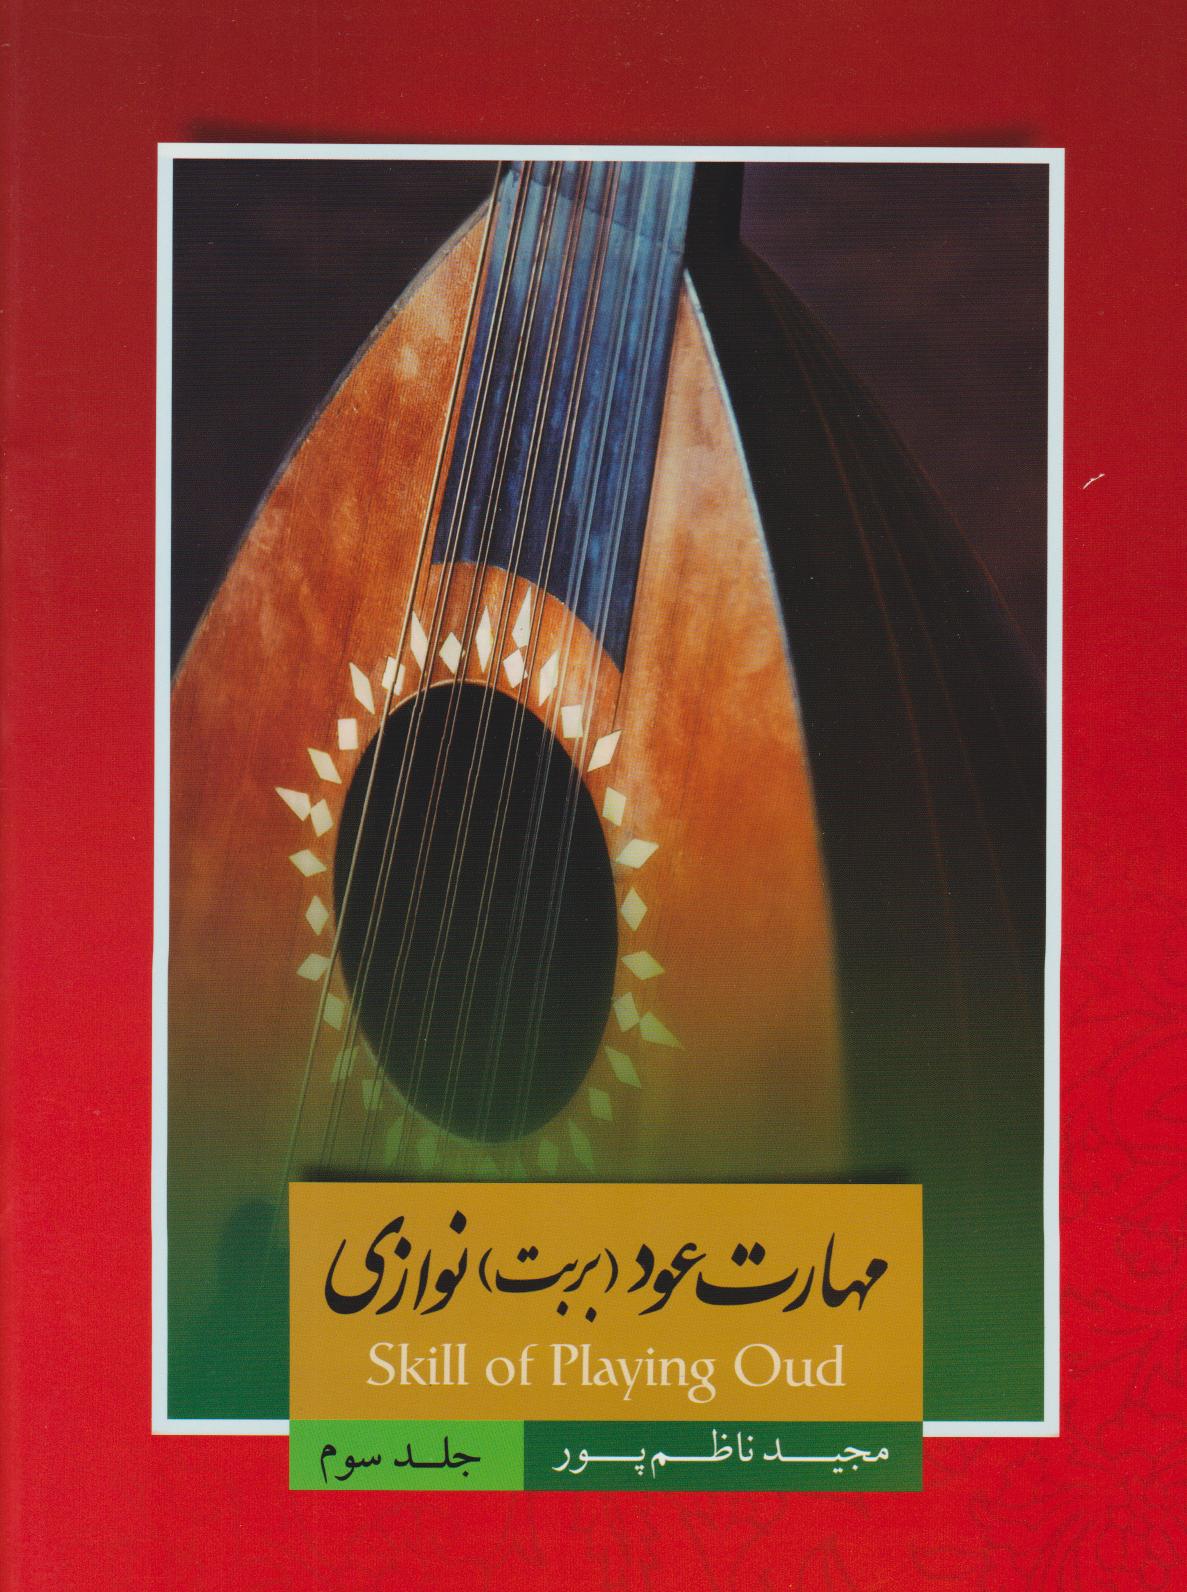 کتاب سوم مهارت عود بربتنوازی مجید ناظمپور